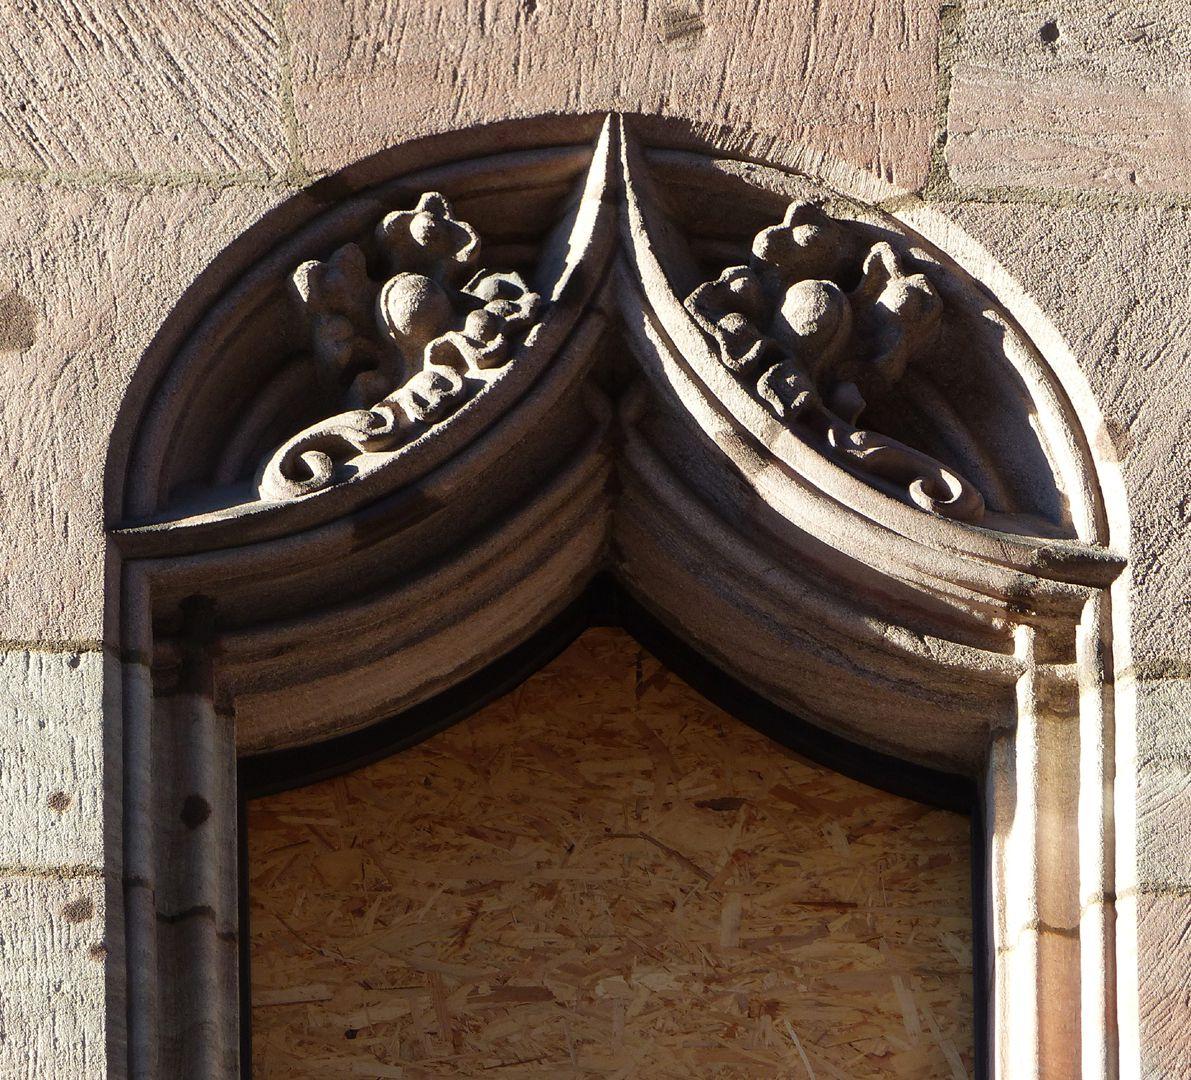 St. Lorenz-Church-Vicarage Fensternische mit Vorhangbogen